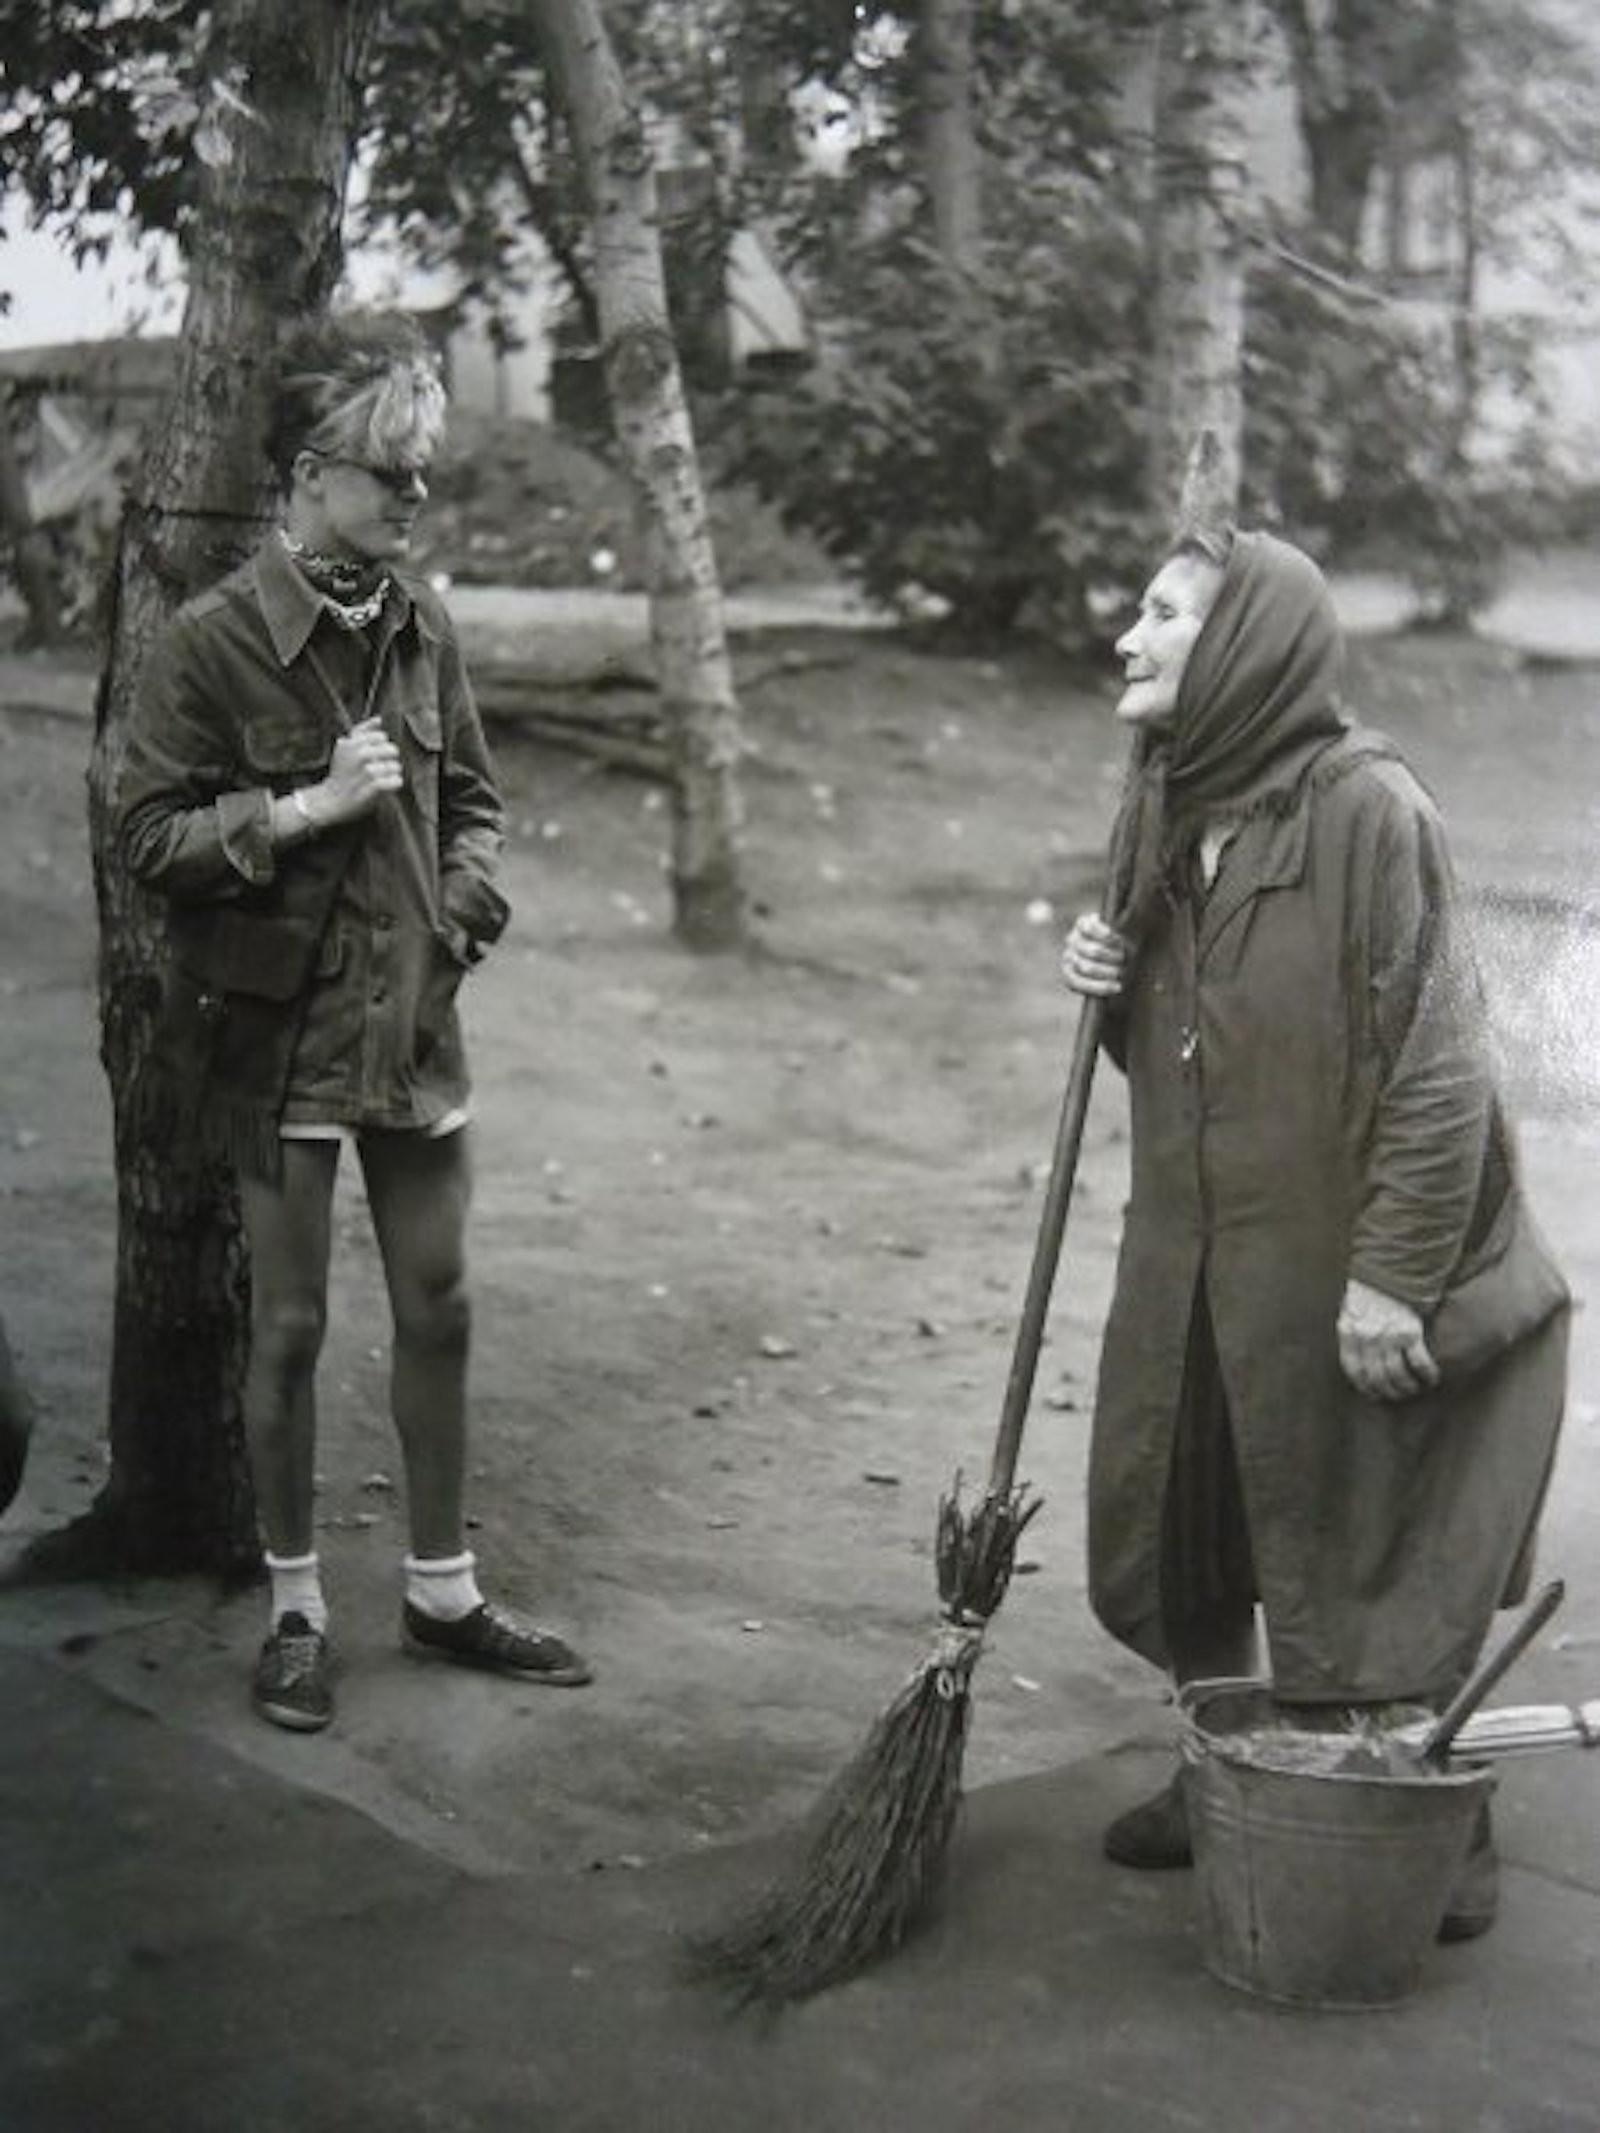 1985. Мухин Игорь Владимирович. Без названия